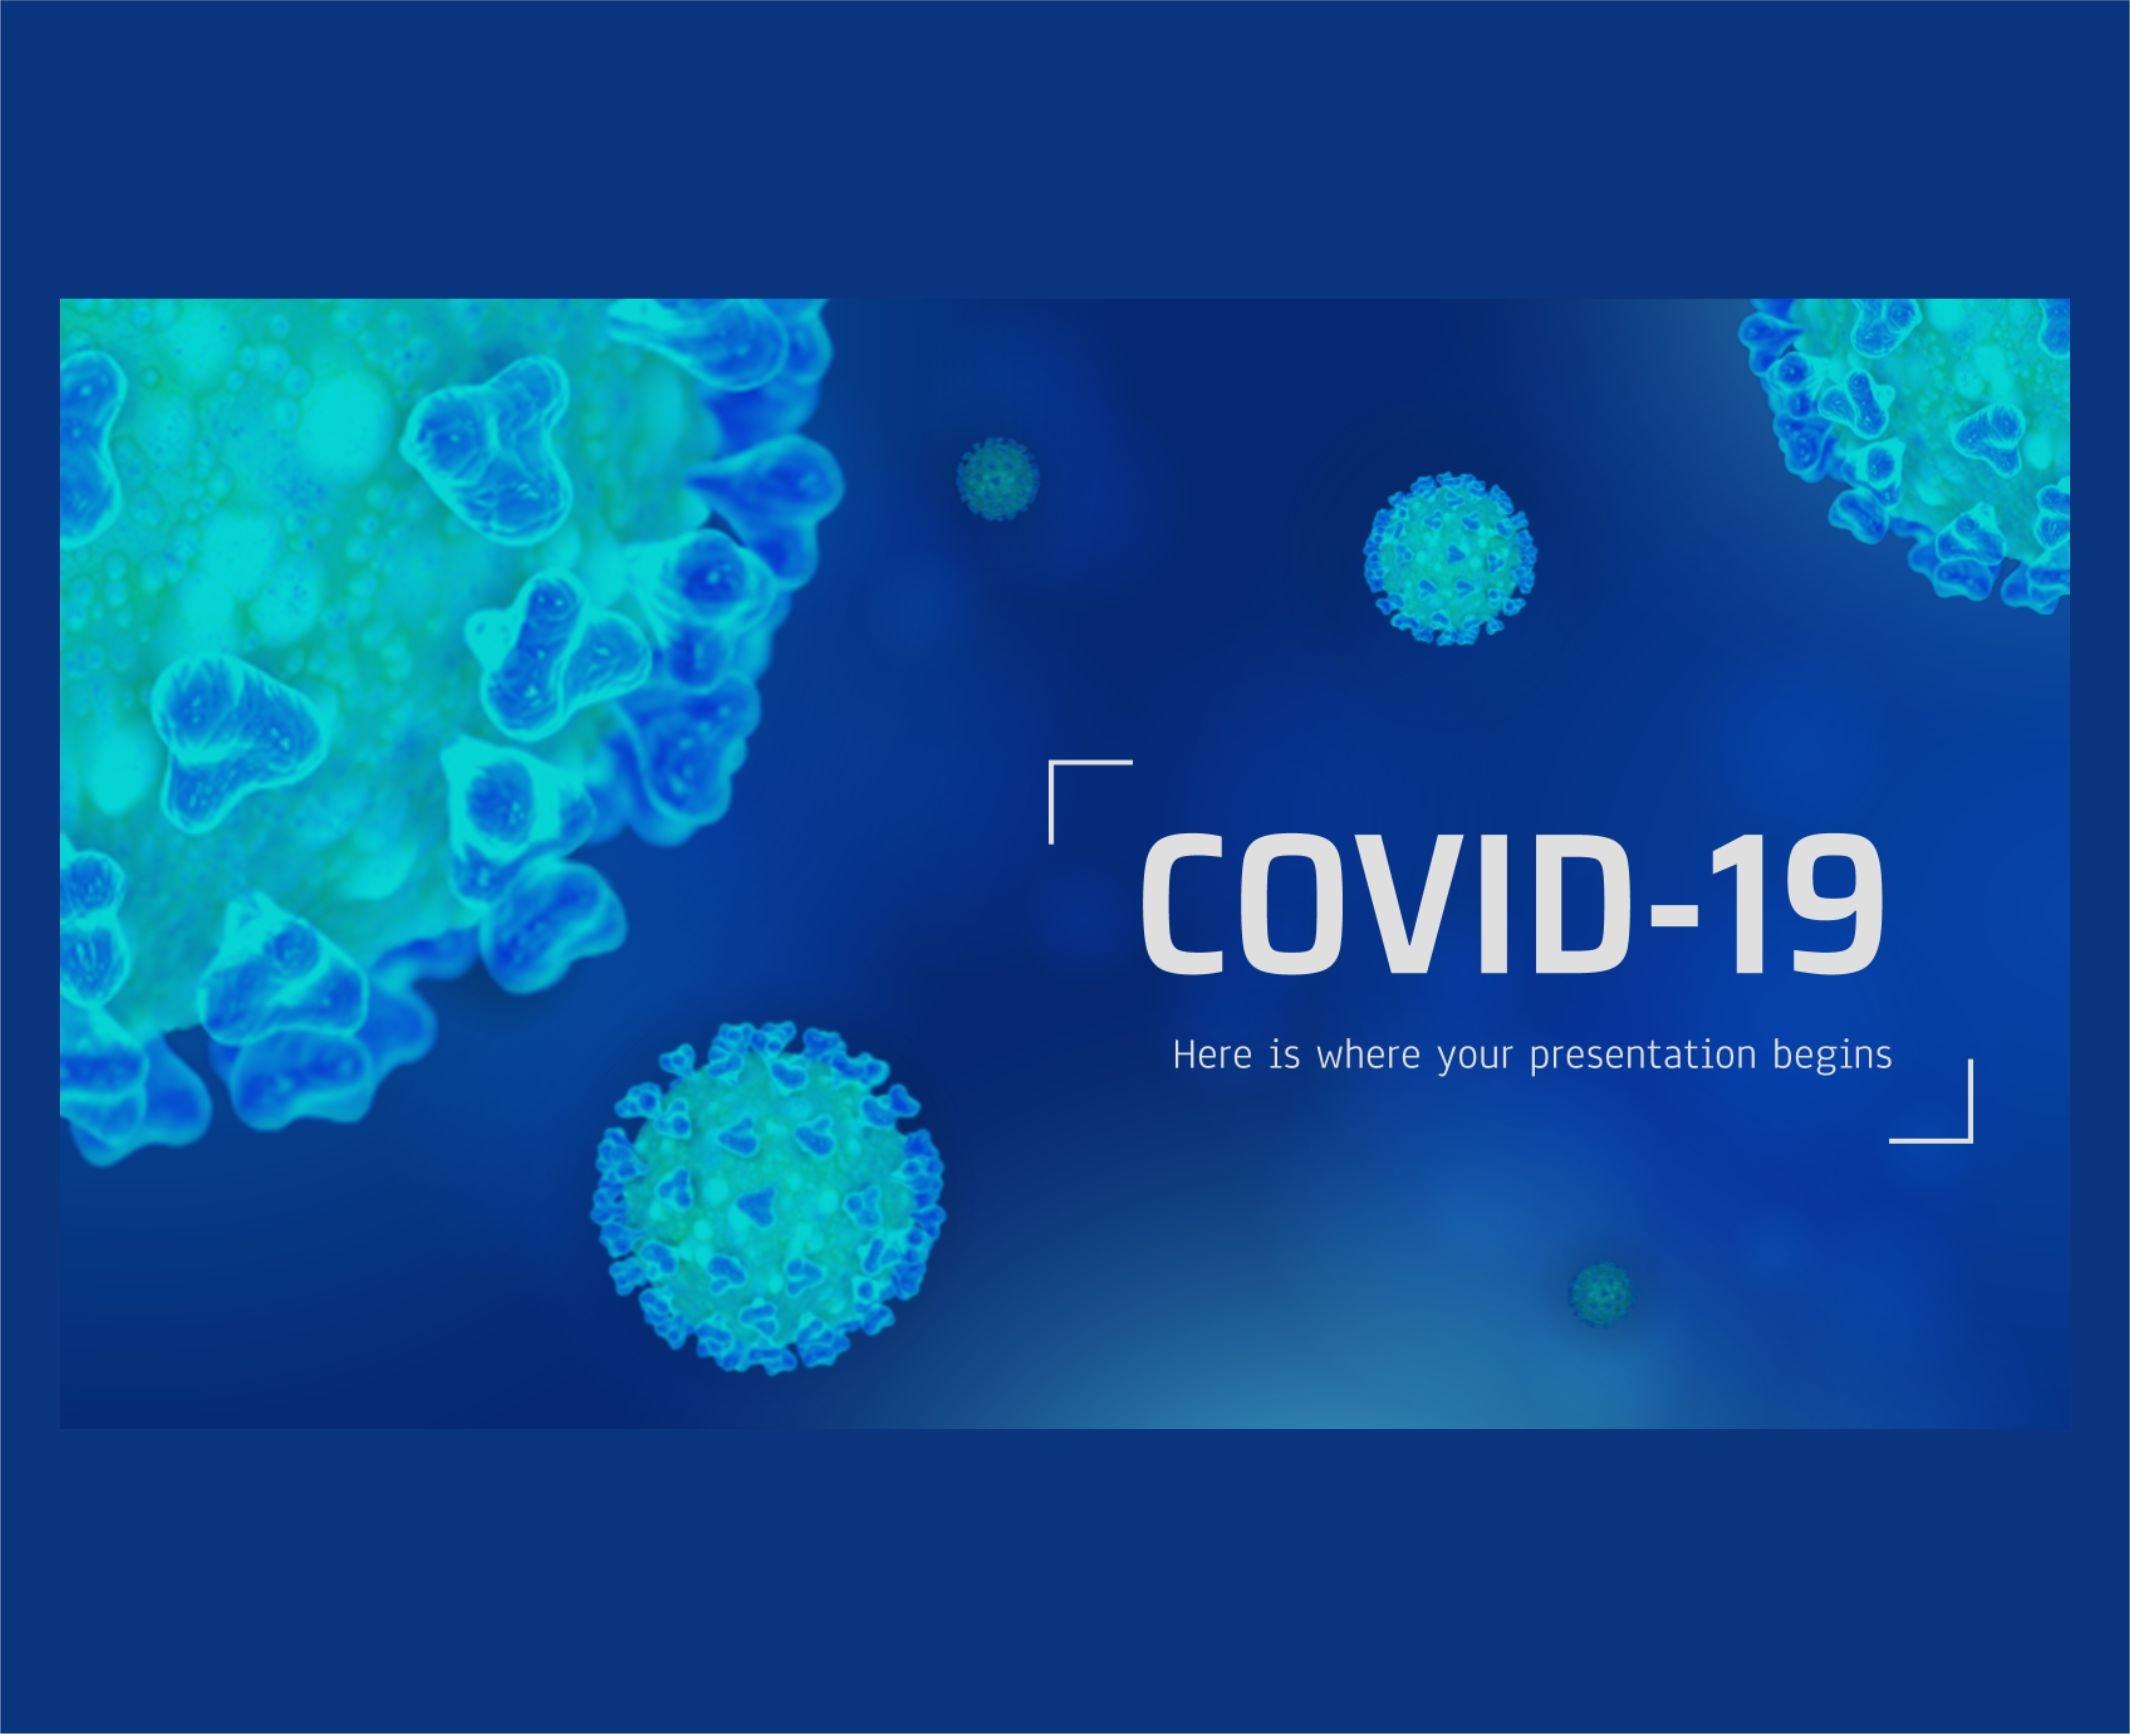 COVİD-19